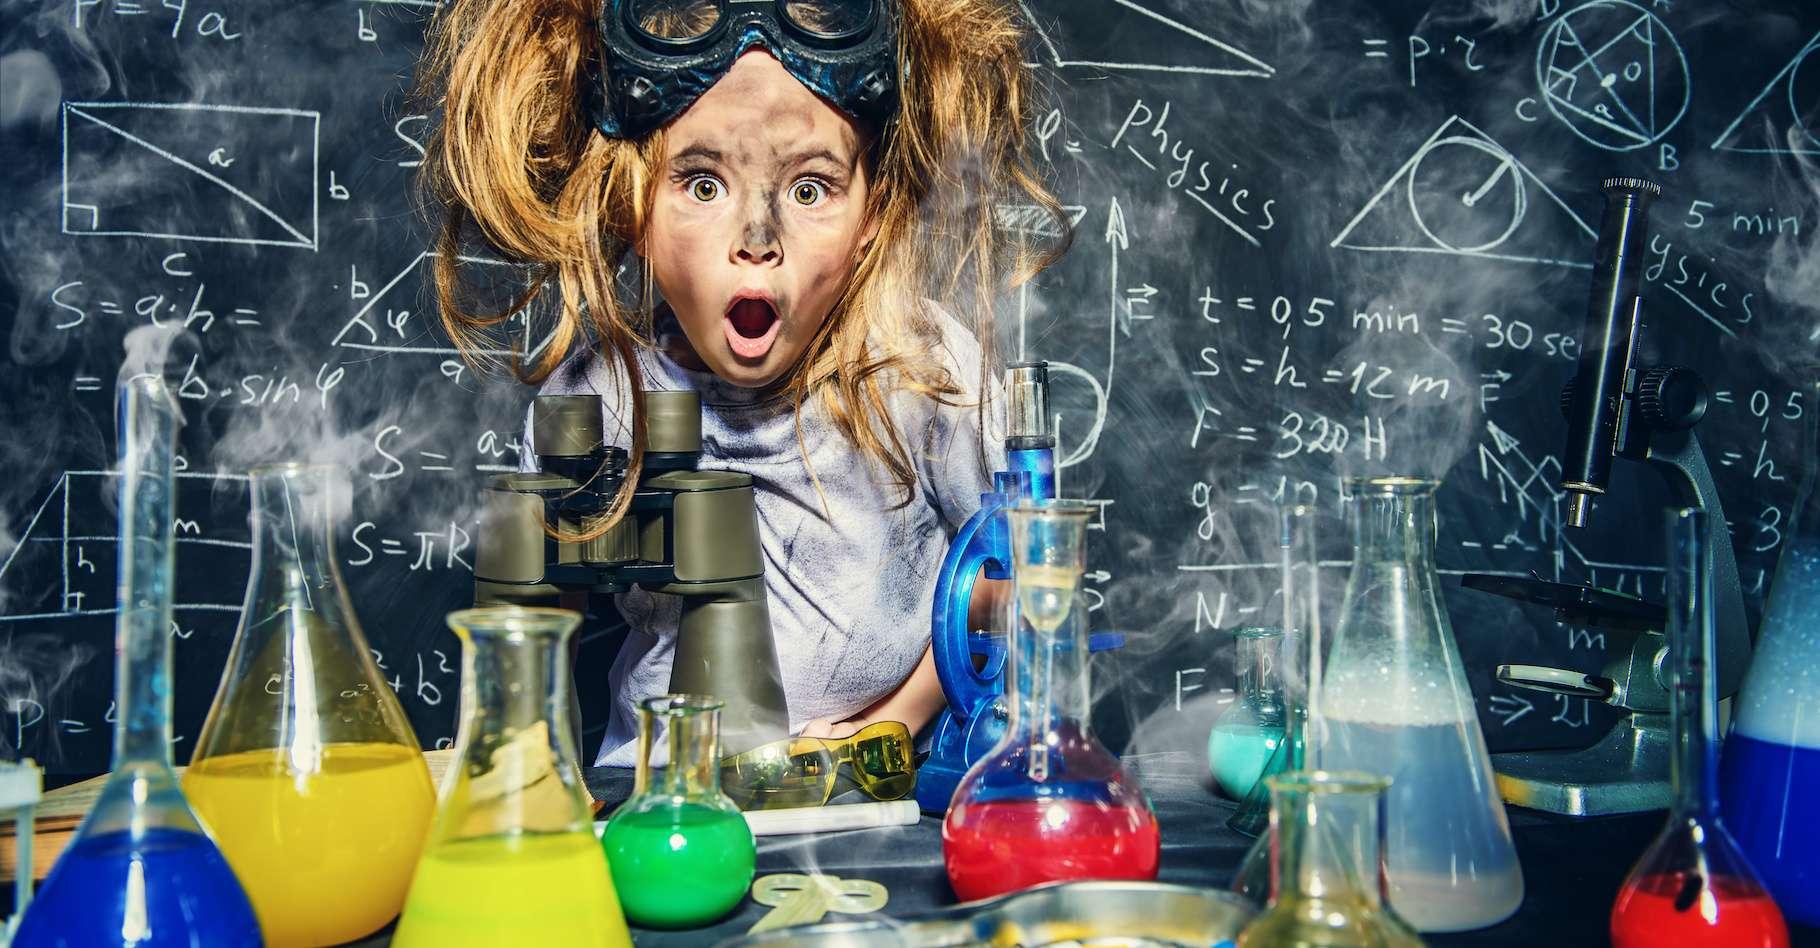 Lors de la prochaine Fête de la science qui aura lieu du 2 au 12 octobre 2020, de petits groupes de privilégiés pourront vivre des expériences inédites et insolites avec le CNRS. © Andrey Kiselev, Adobe Stock